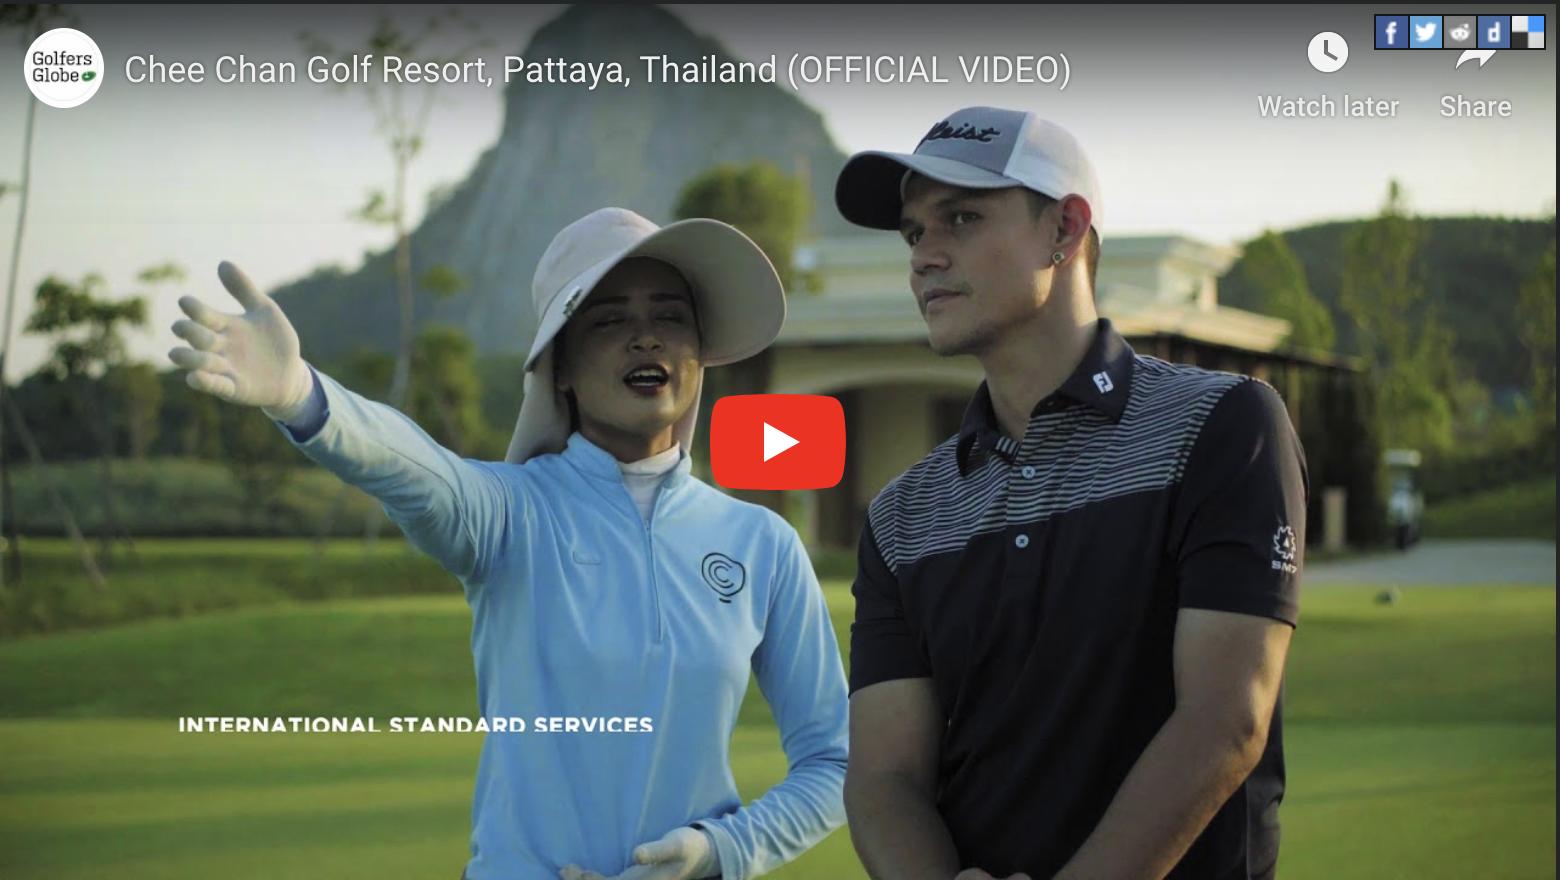 Chee Chan Golf Course Thailand